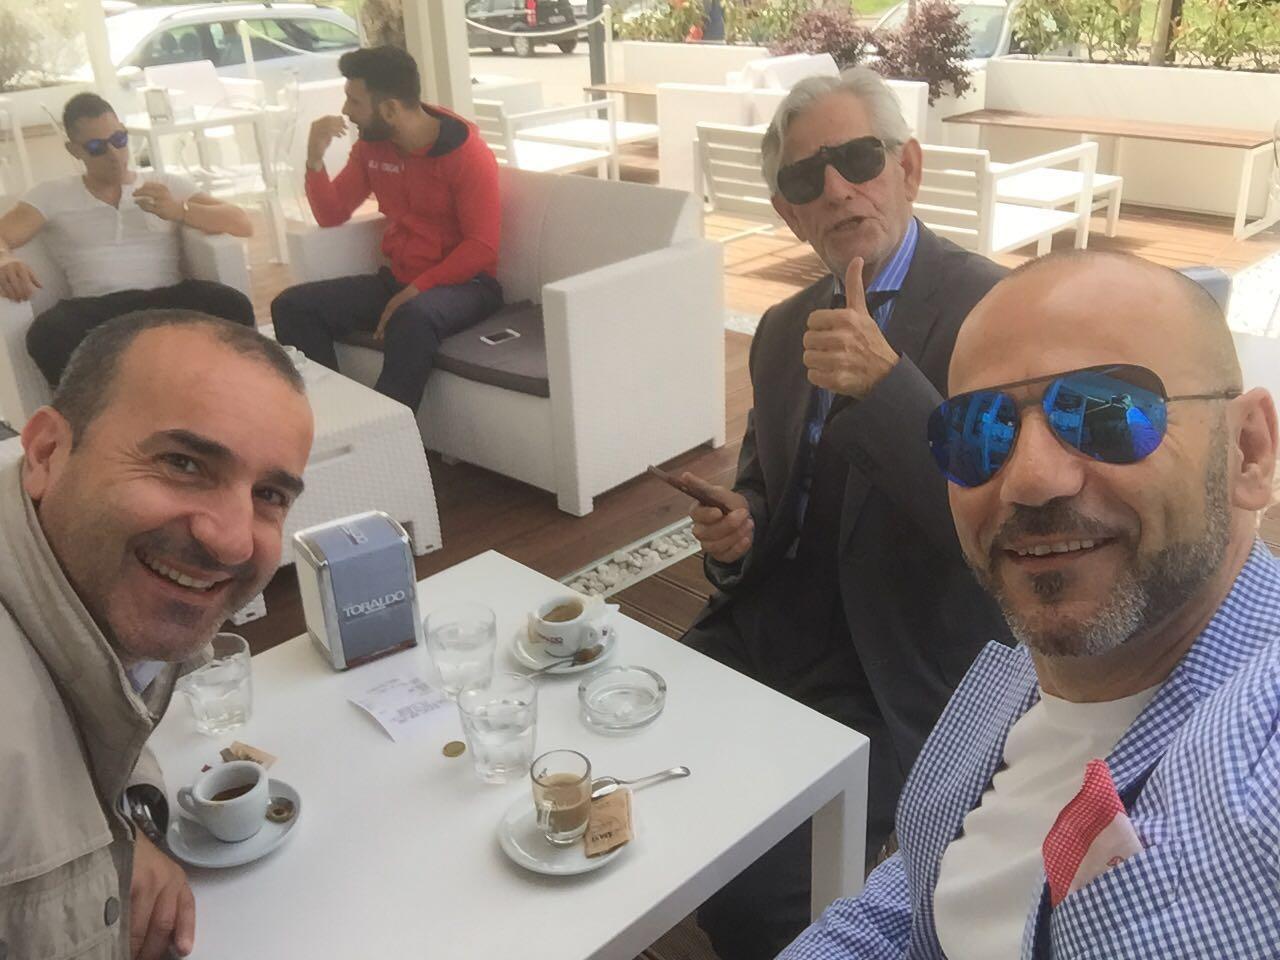 CON PIETRO PASTORE E GIOVANNI MARTONE IN QUEL DI VITULAZIO - 2016 MAGGIO